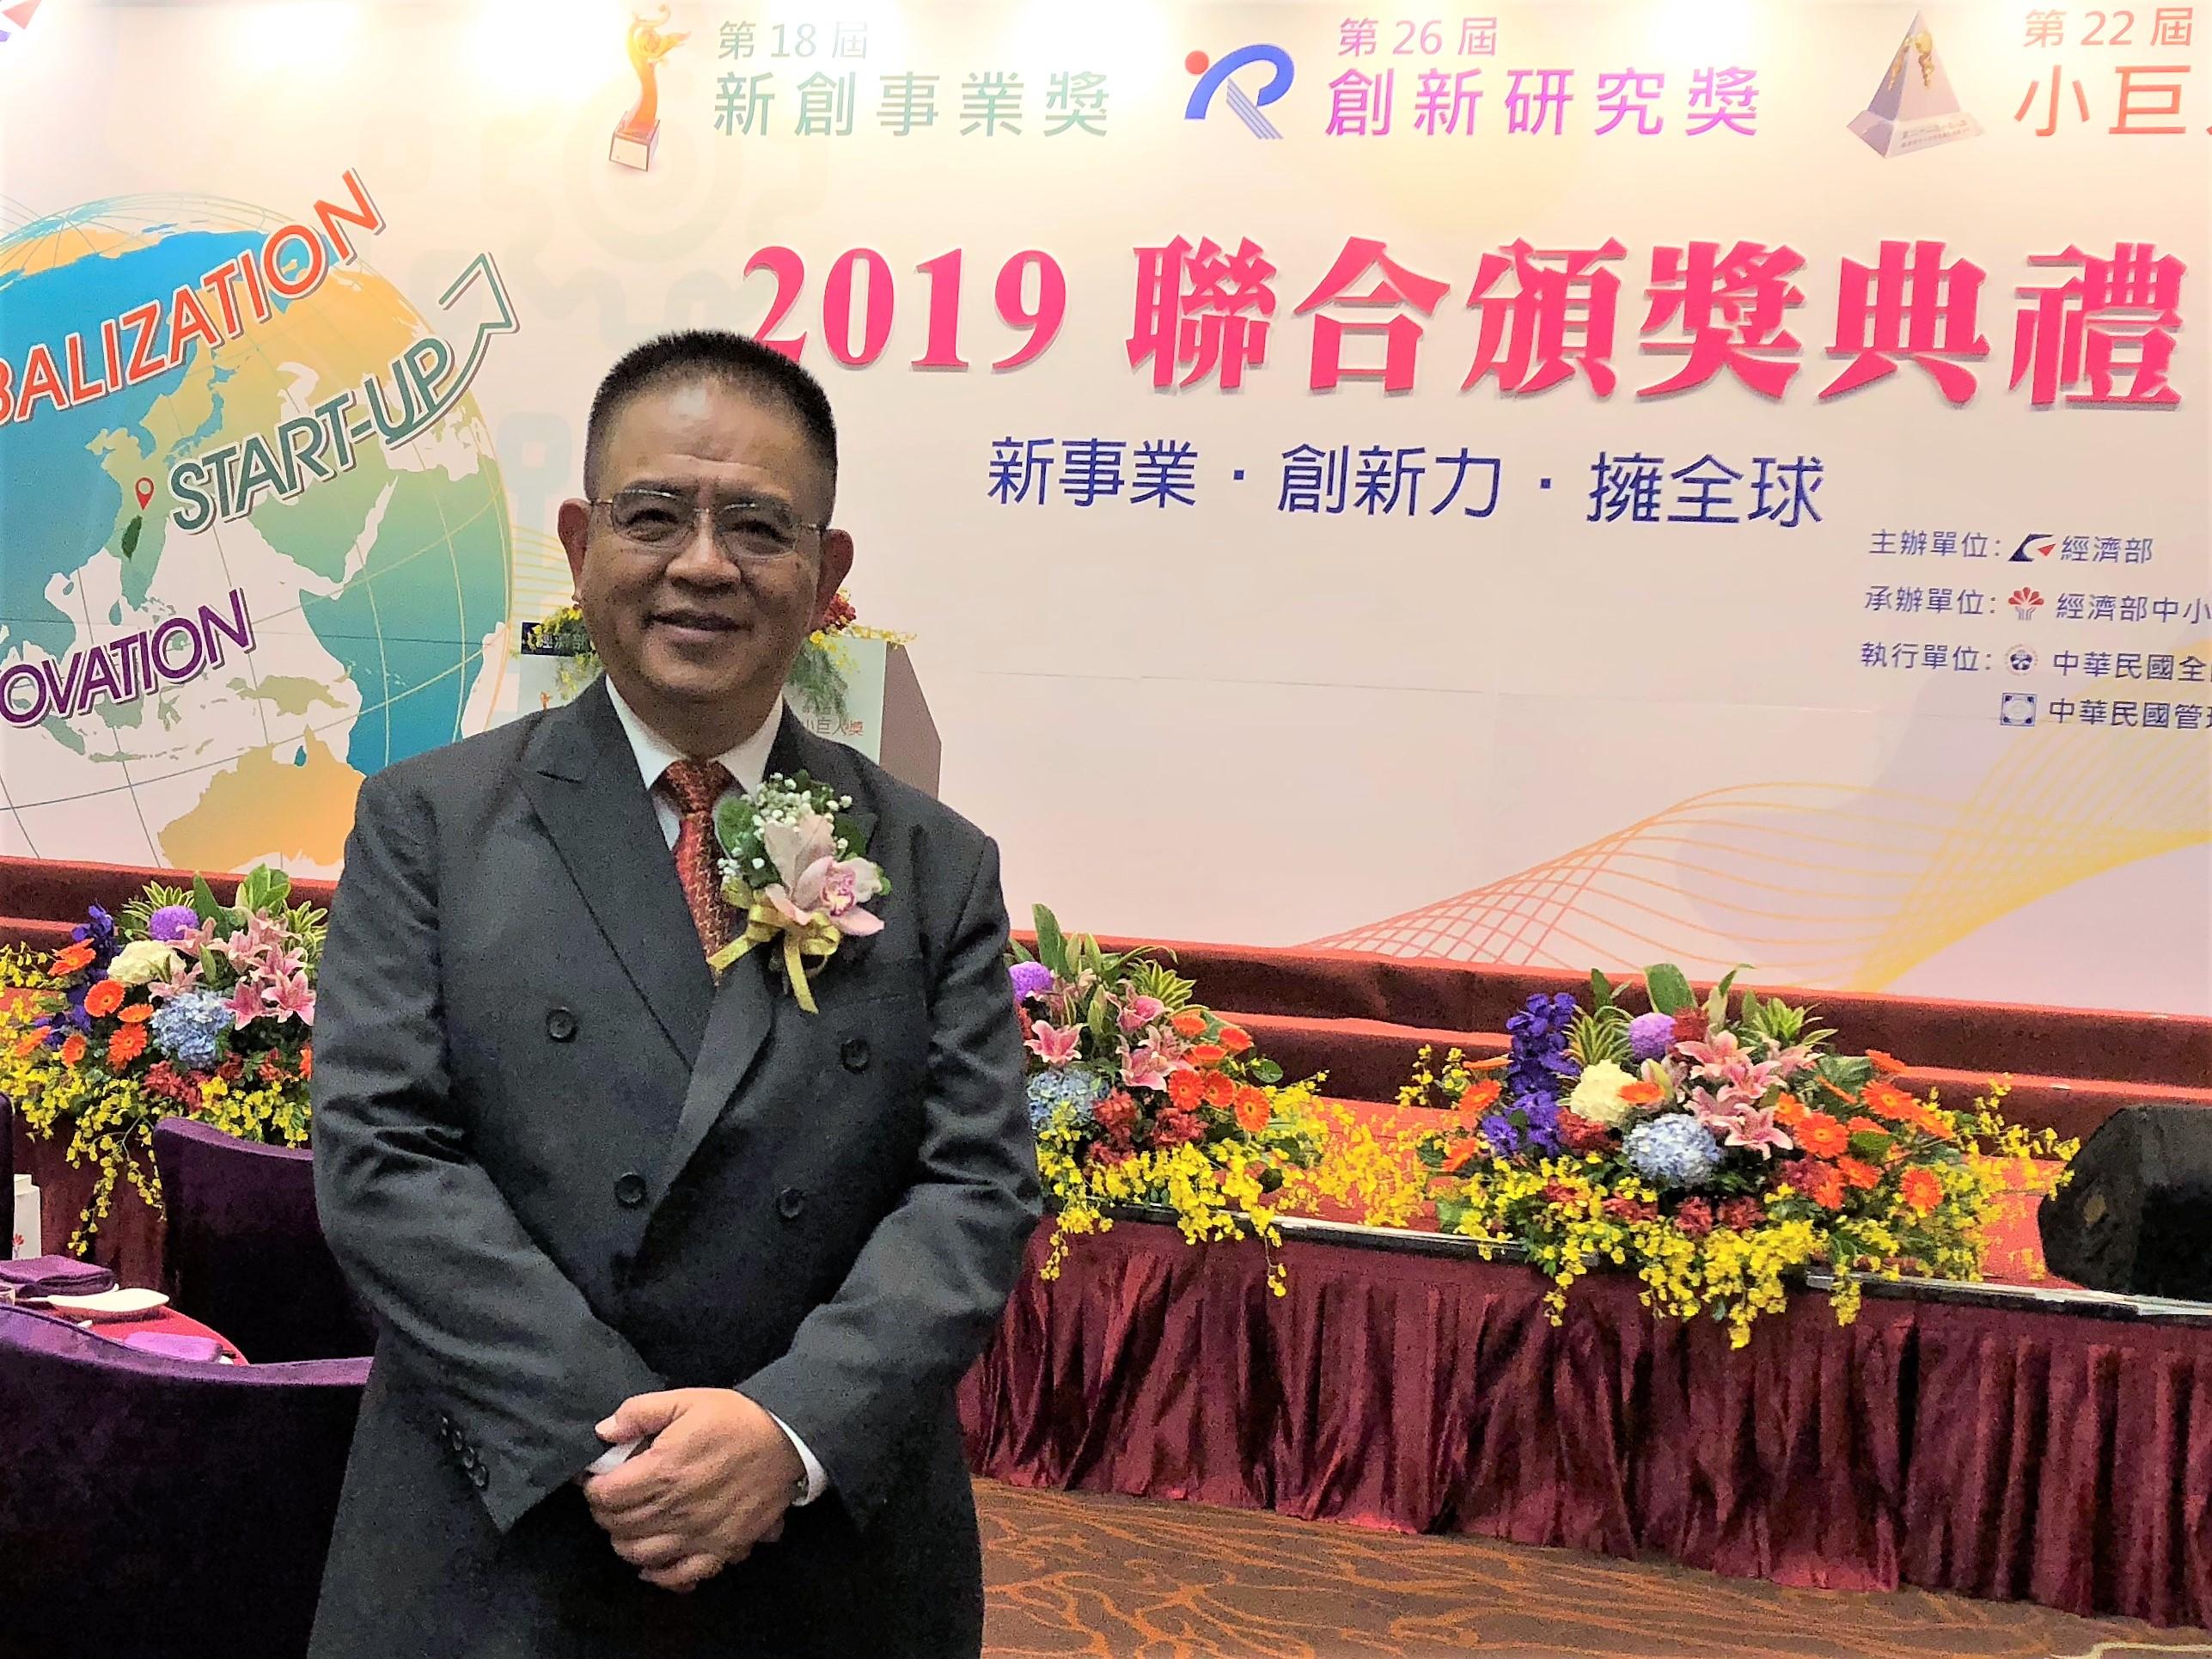 2019年獲獎(耀欣科技提供)